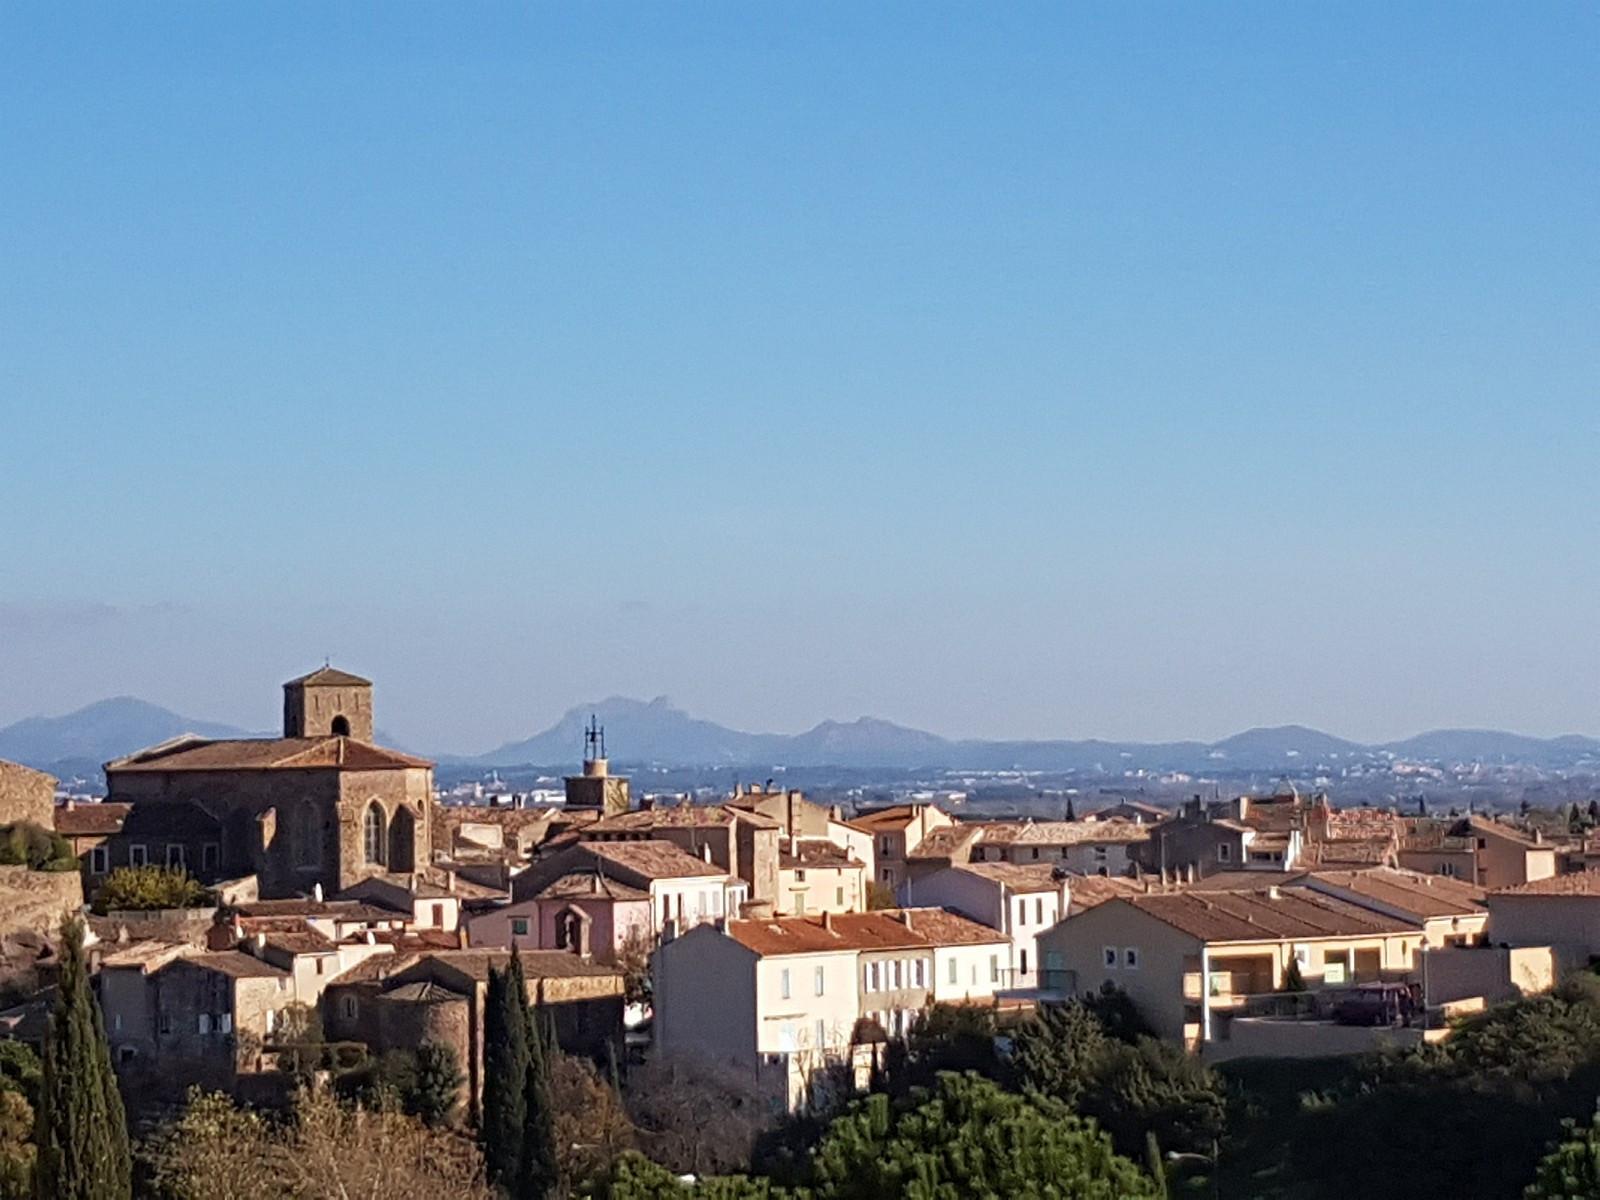 Landsbyen sett fra terrassen, 36 m2 og sørvendt  - Fréjus / St. Raphaël i bakgrunnen